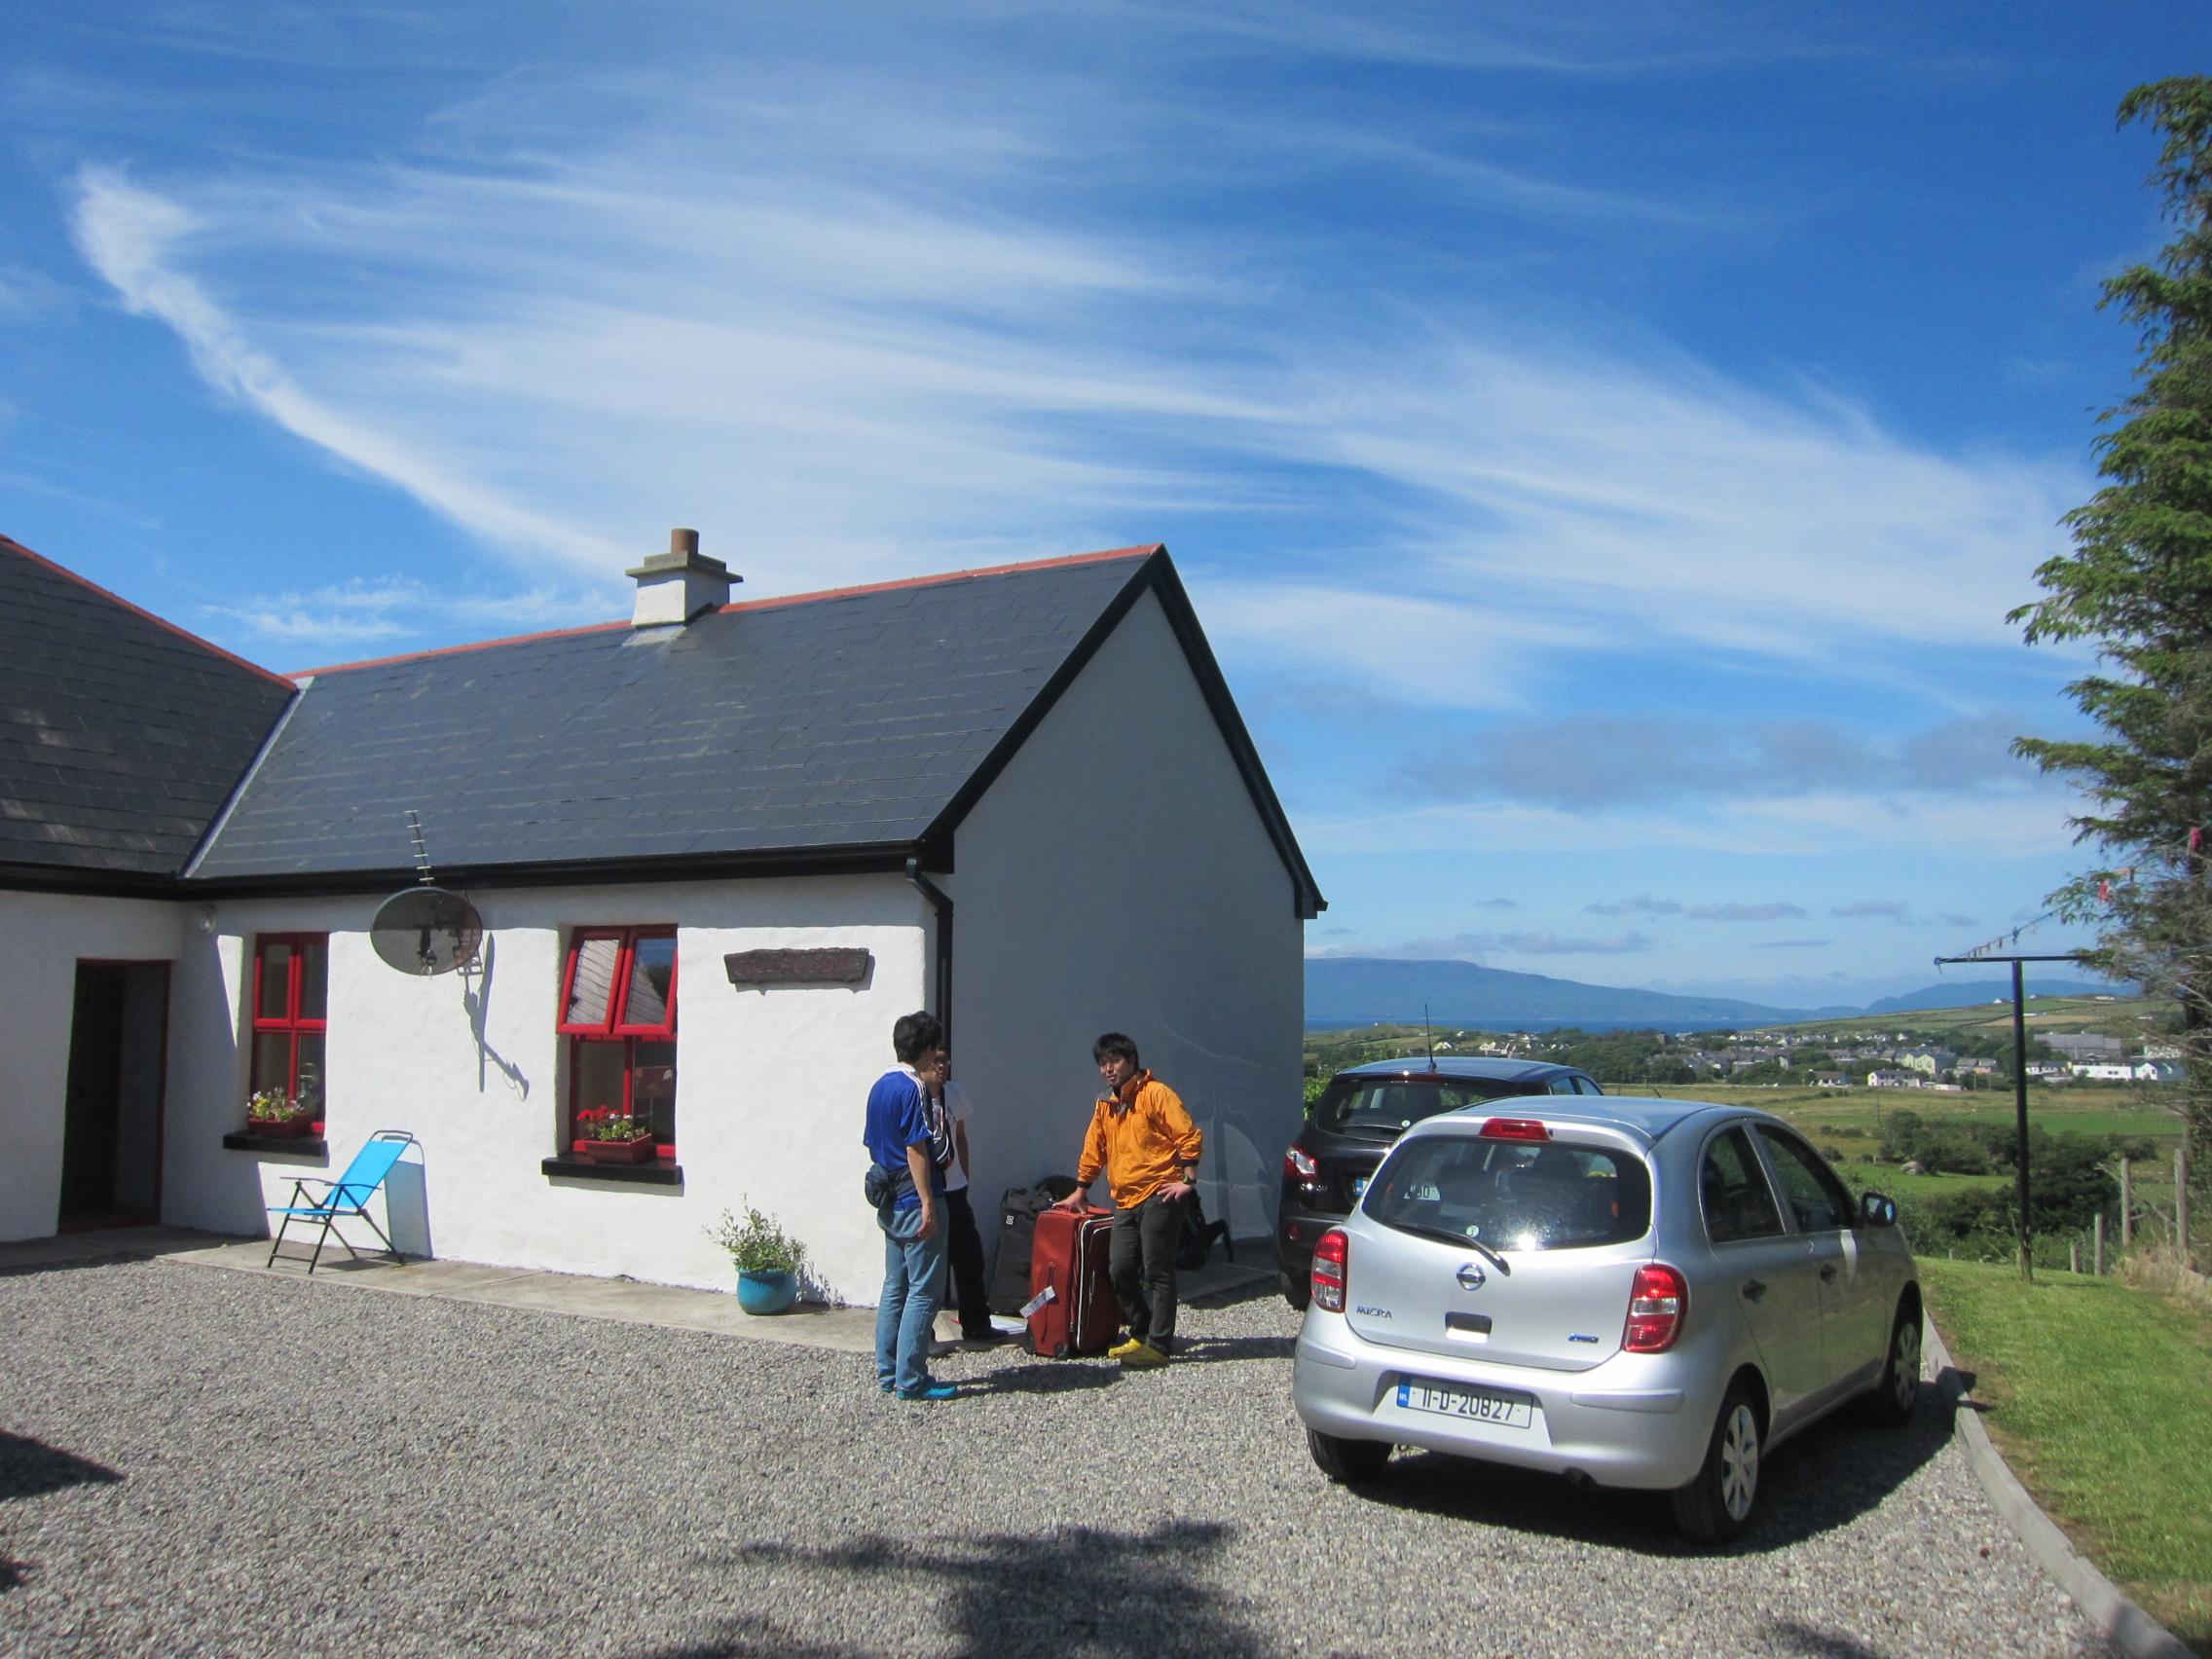 アイルランドの天気 ウェストポートWestport 清々しい晴れ